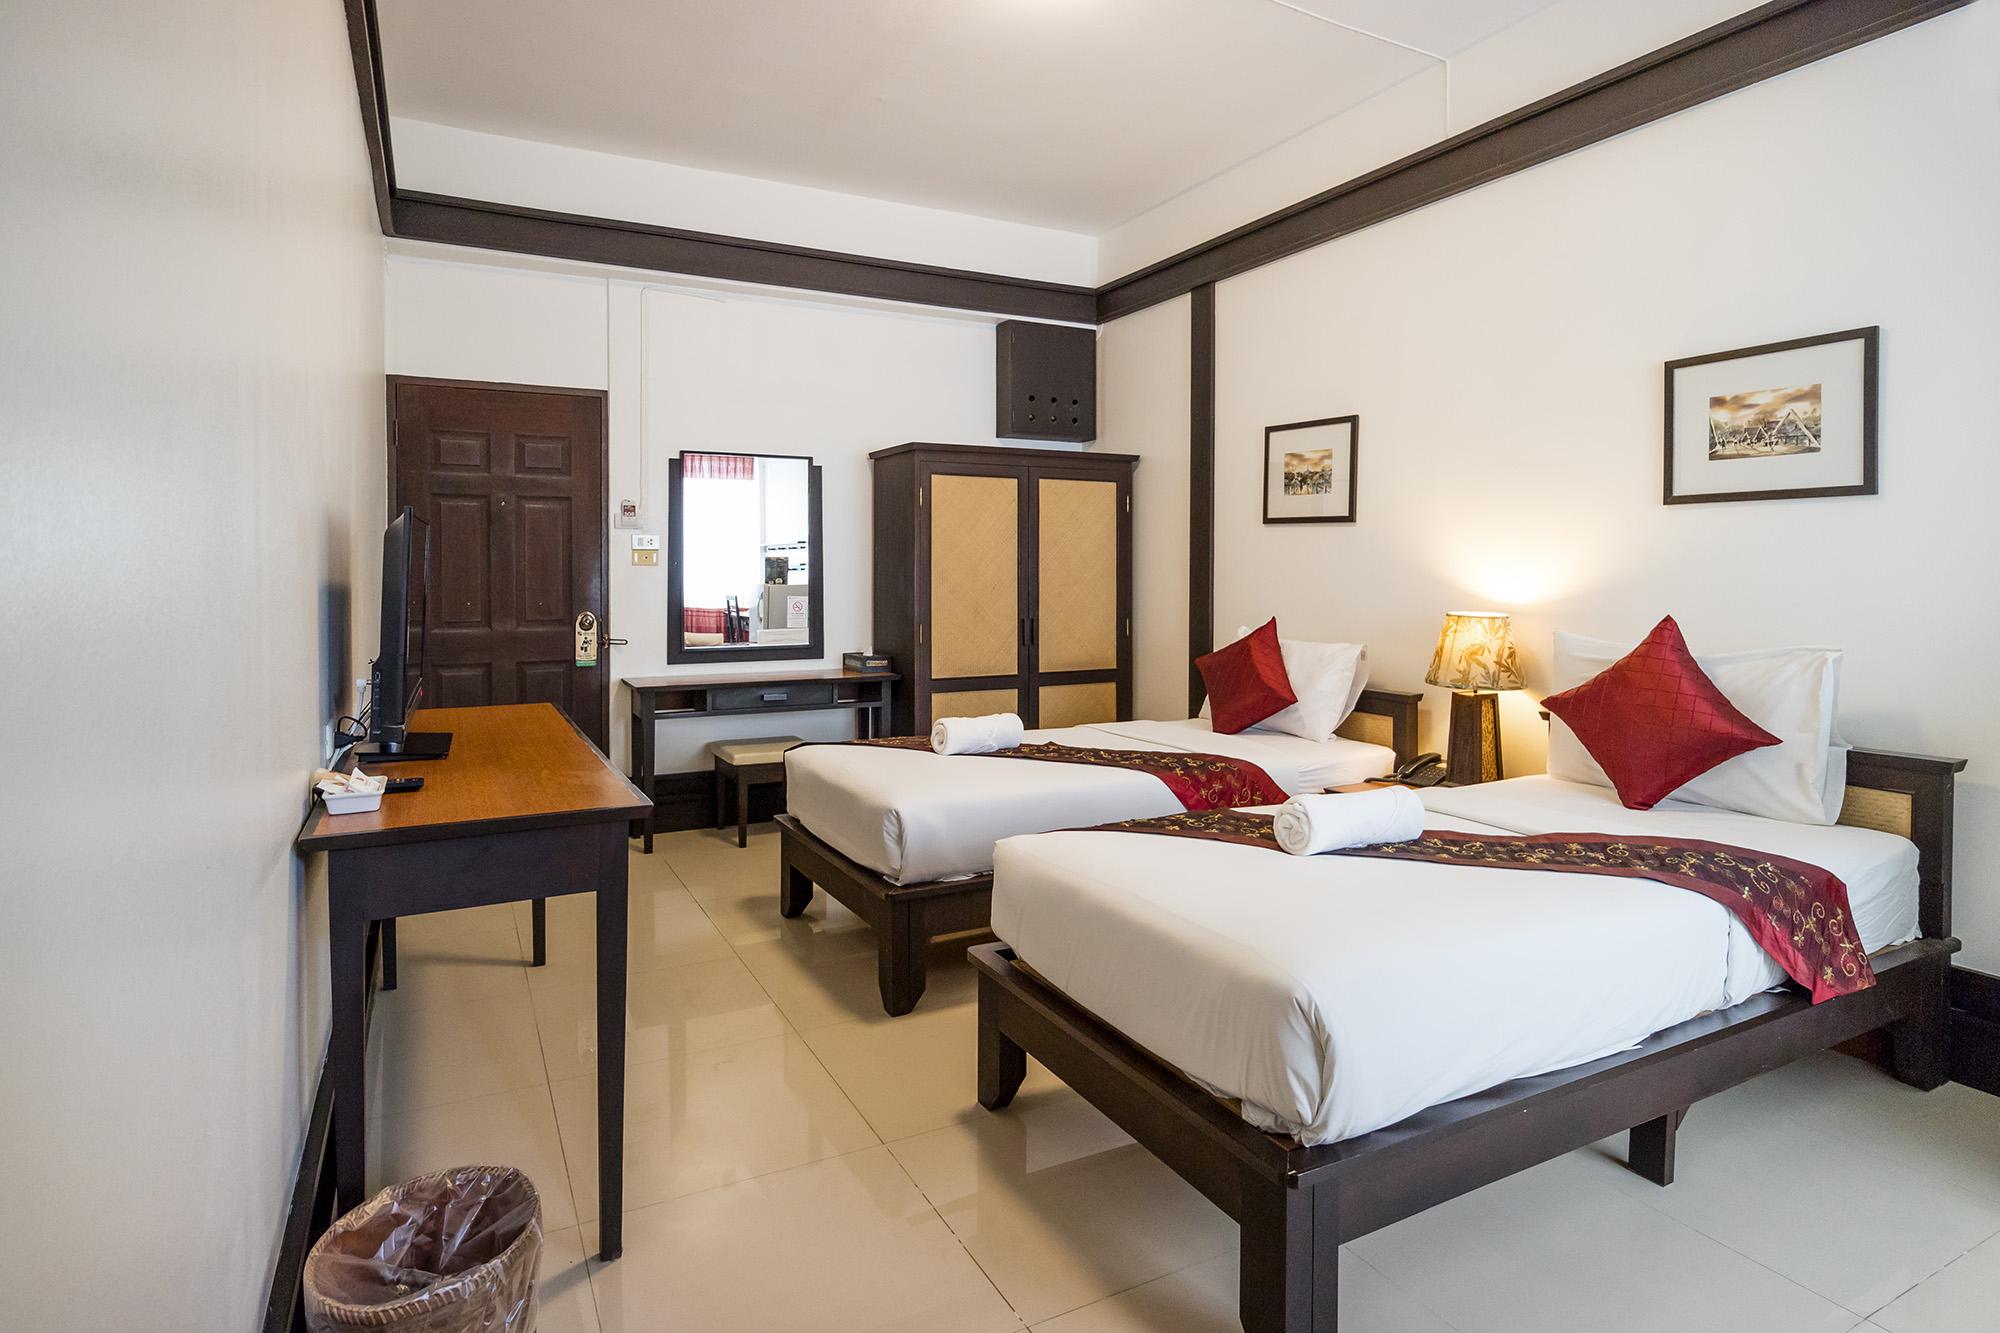 โรงแรมสกุลชัย เพลส โรงแรมฮาลาล เชียงใหม่  โรงแรมสกุลชัย เพลส เชียงใหม่ ห้องพักสะอาด ราคาหลักร้อย IMG 7130